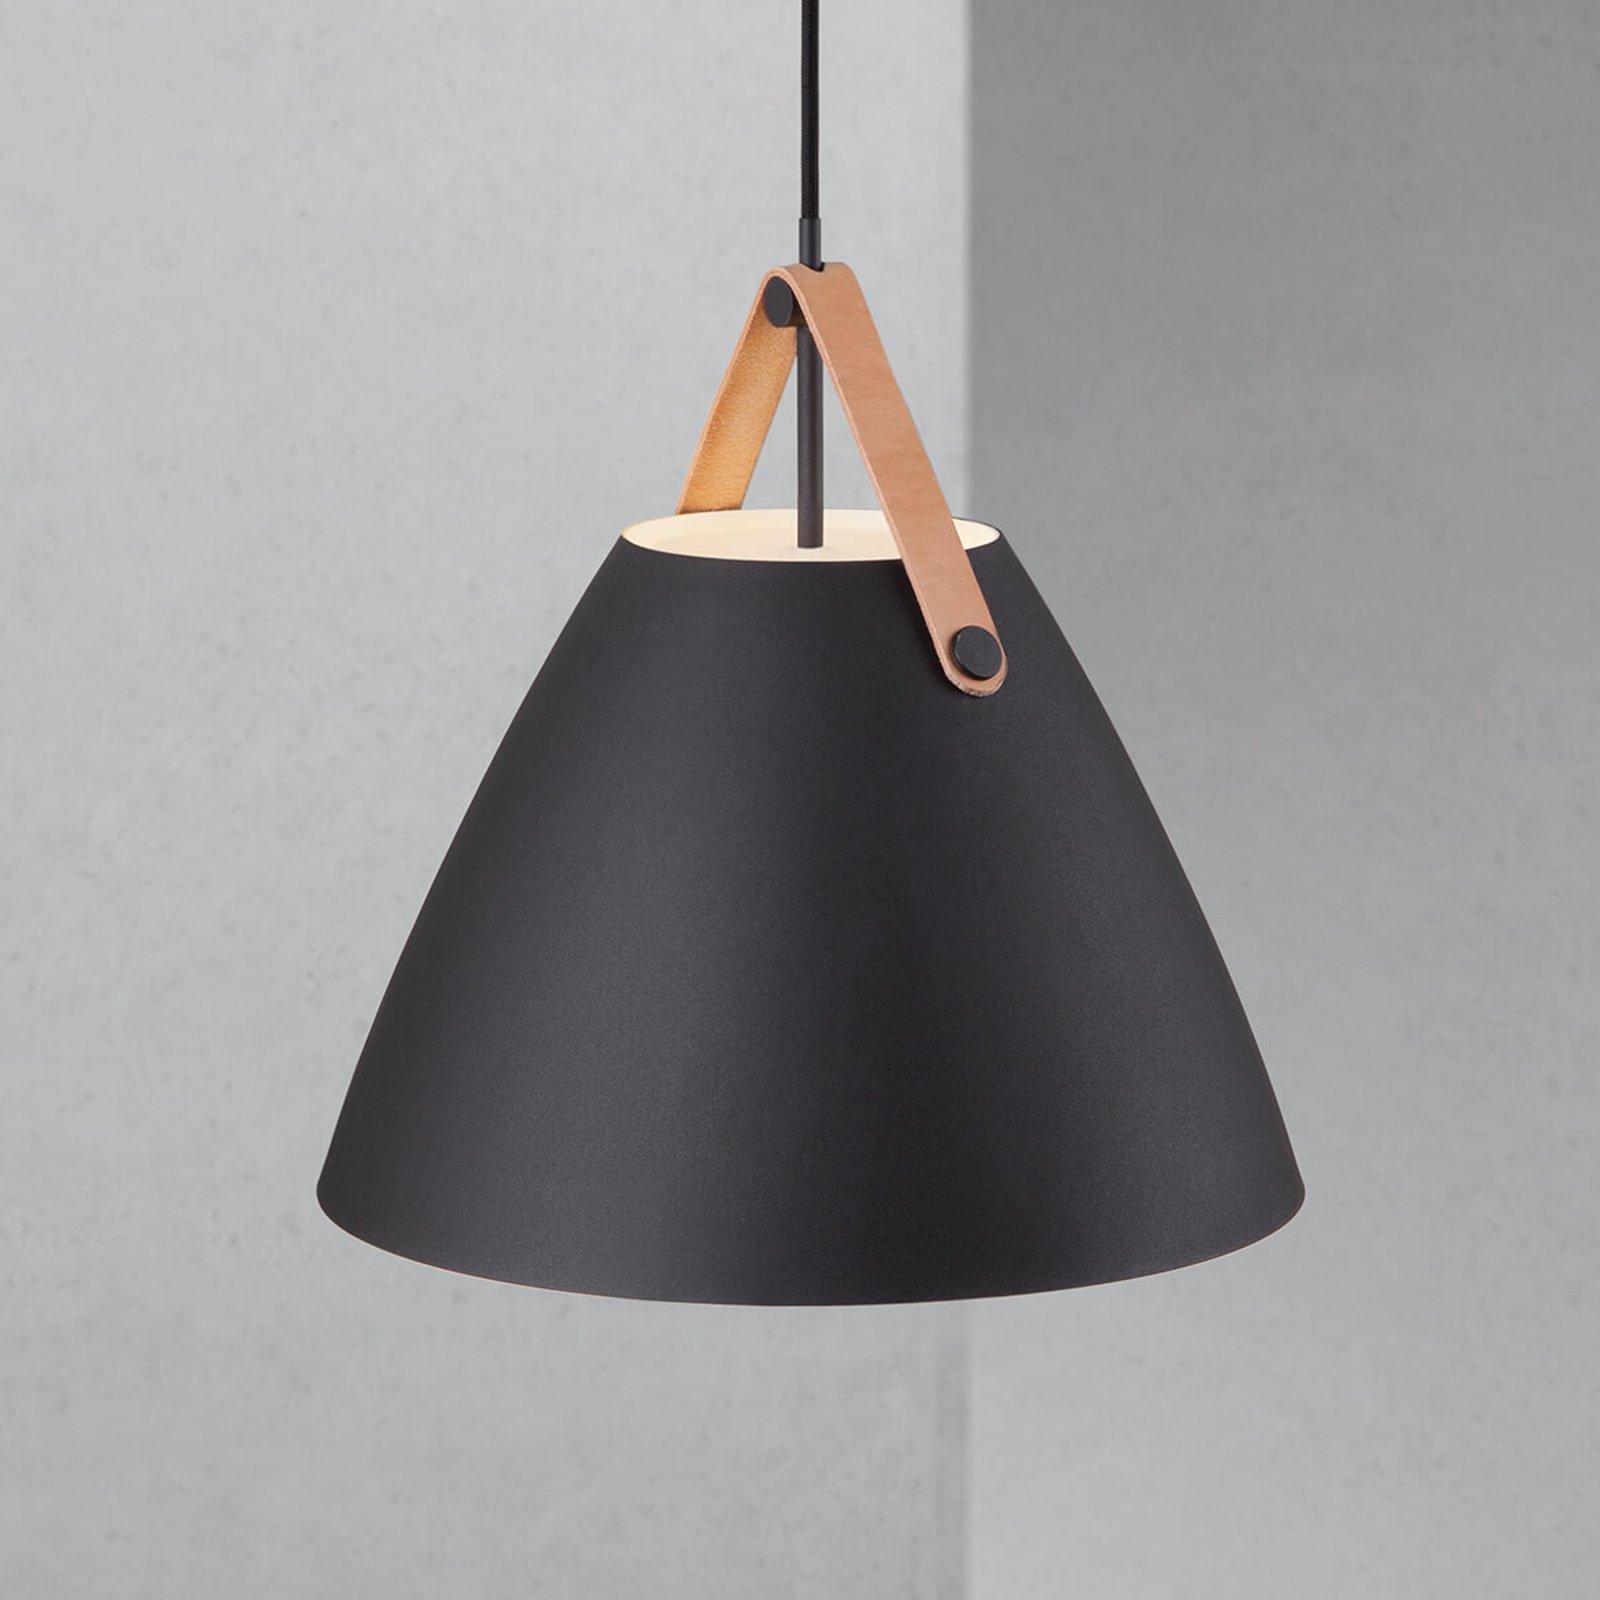 LED pendellampe Strap med læroppheng